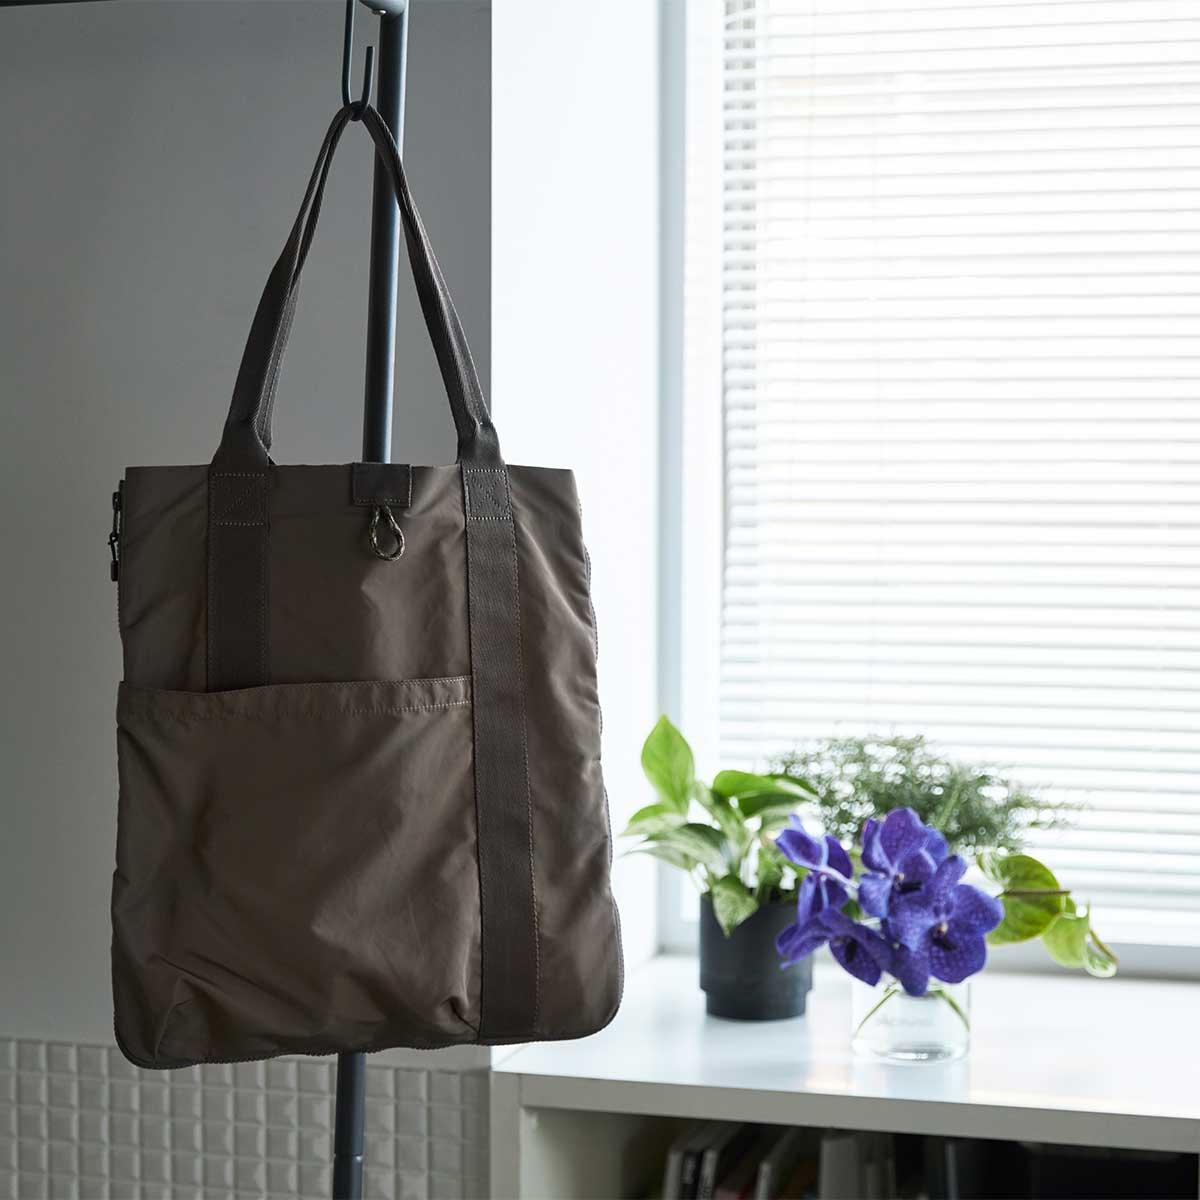 カフェでのリモートワーク、フリーアドレスのオフィスが増えてきて、仕事バッグをコンパクトにしたい人におすすめ。薄型トートバッグが大容量バッグに変身するバッグ|WARPトランスフォームジッパーバッグ